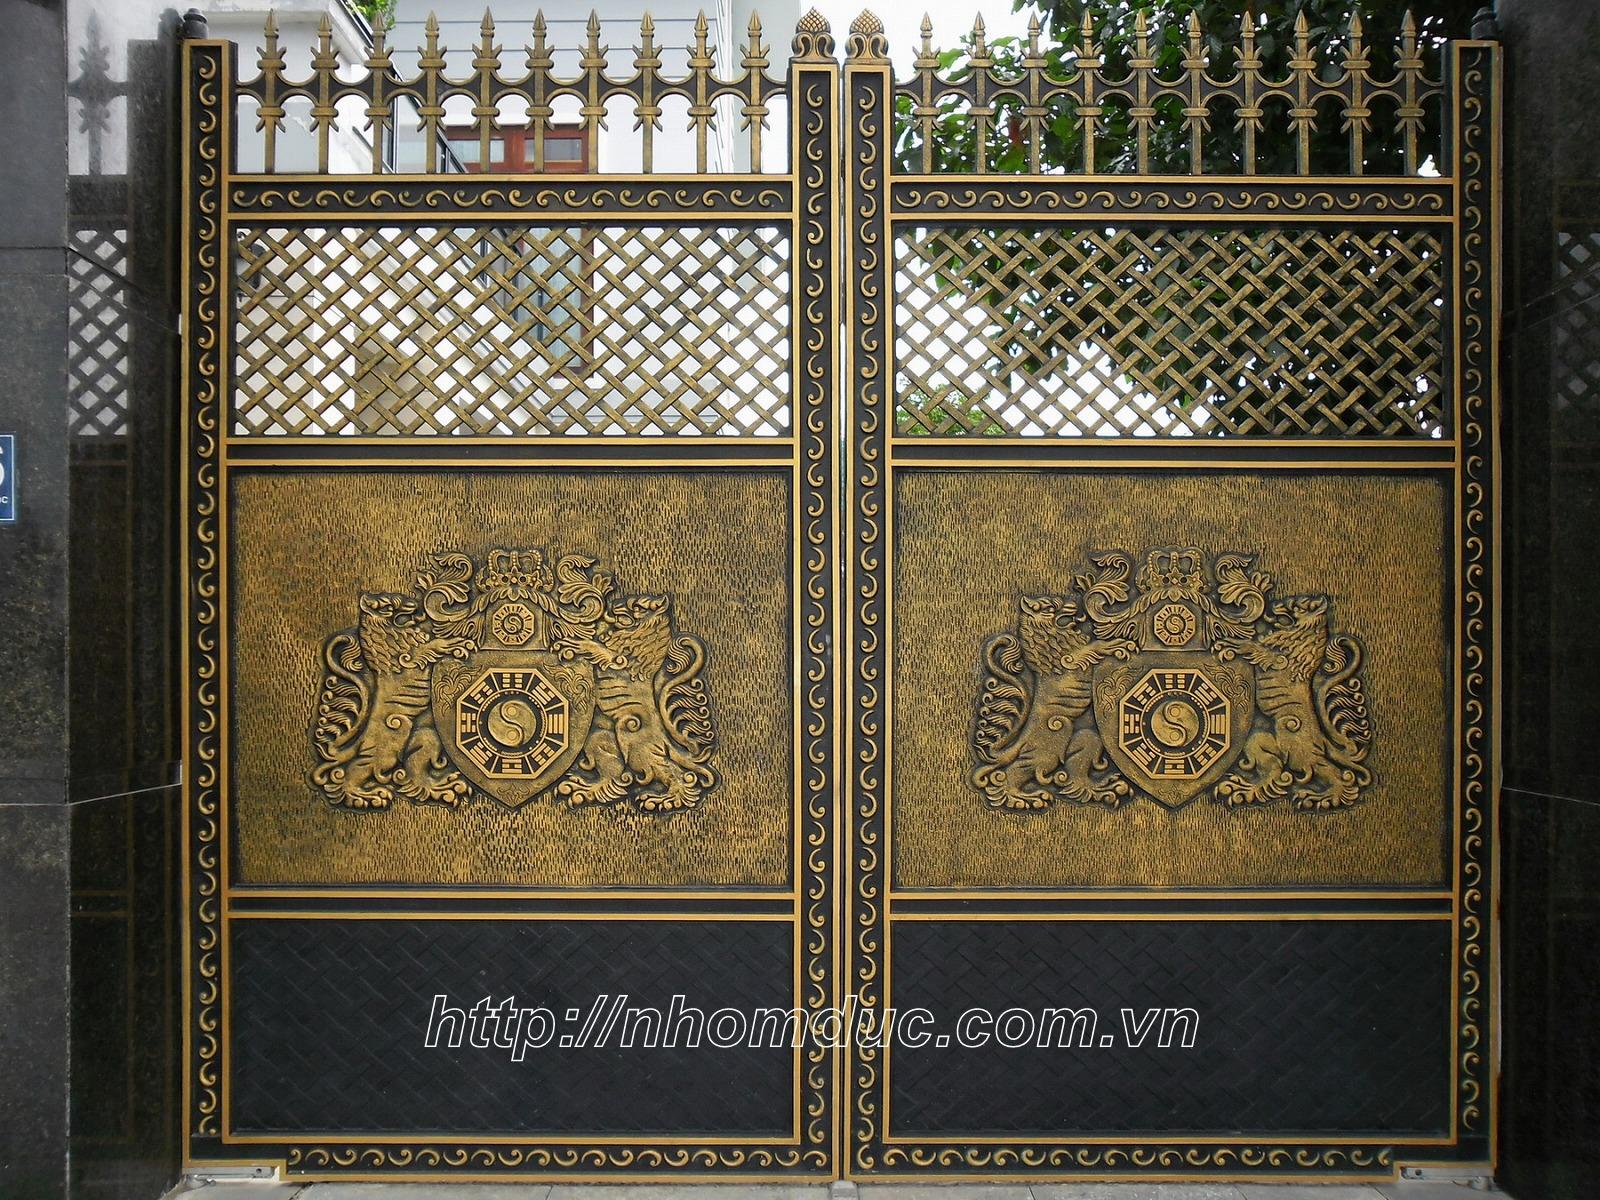 Mẫu cửa cổng nhôm đúc GAT 134,  giá cổng đồng đúc